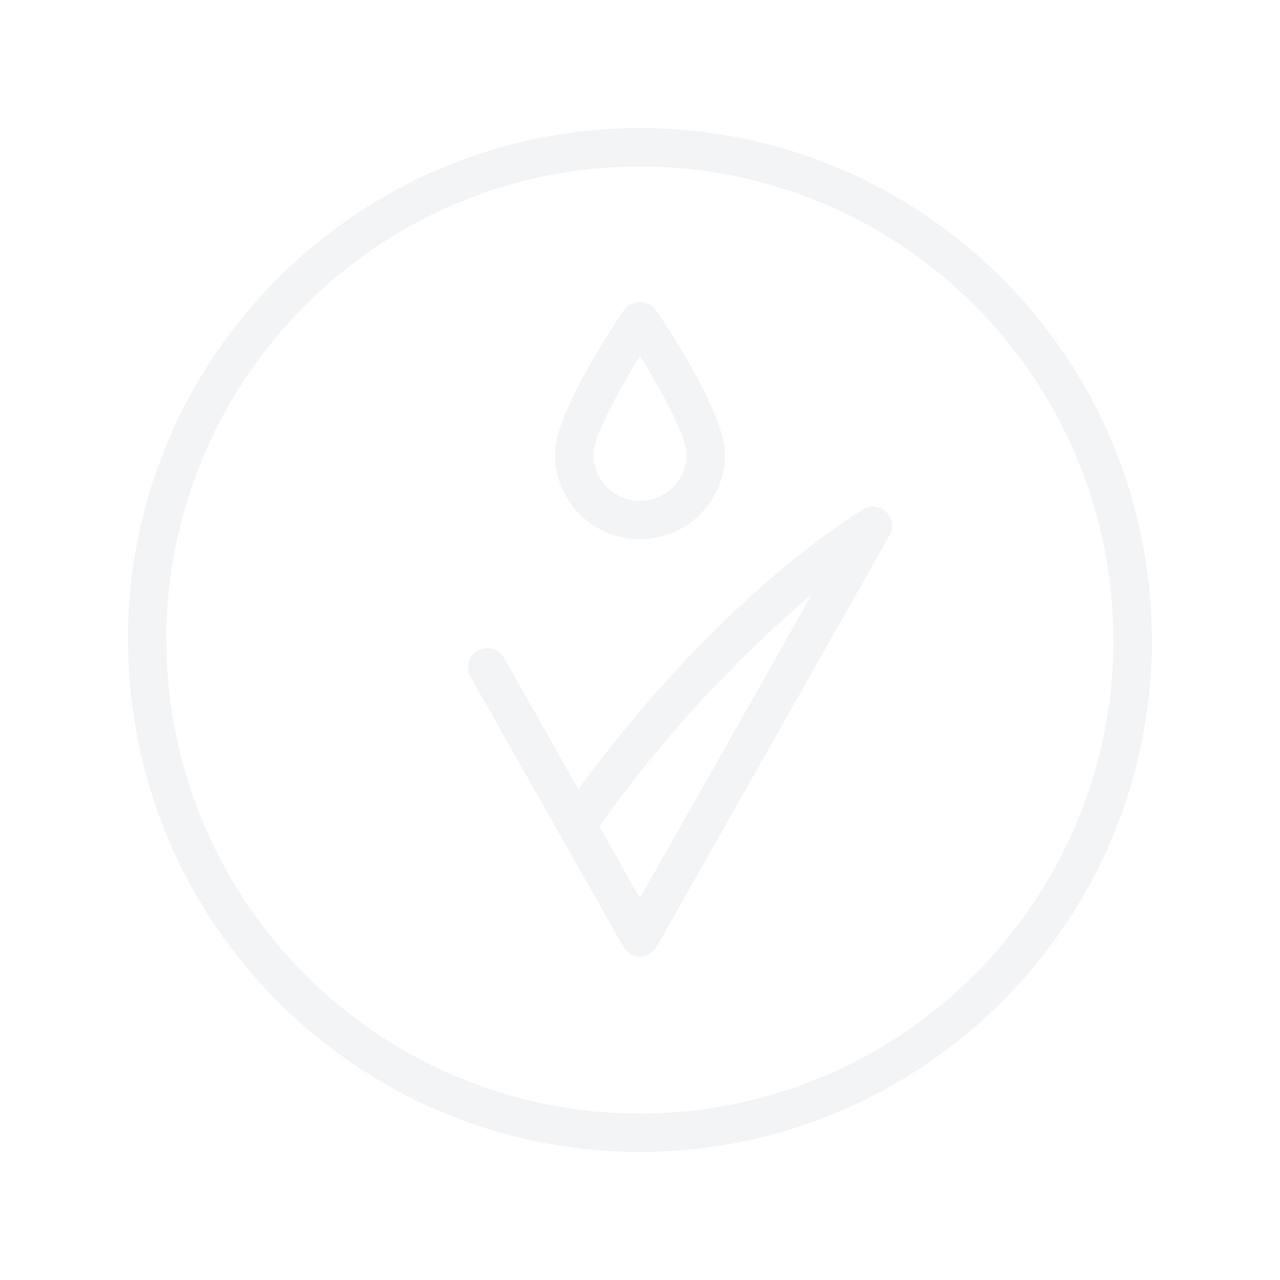 LUMENE Instant Glow Fresh Skin Tint Universal Medium 30ml